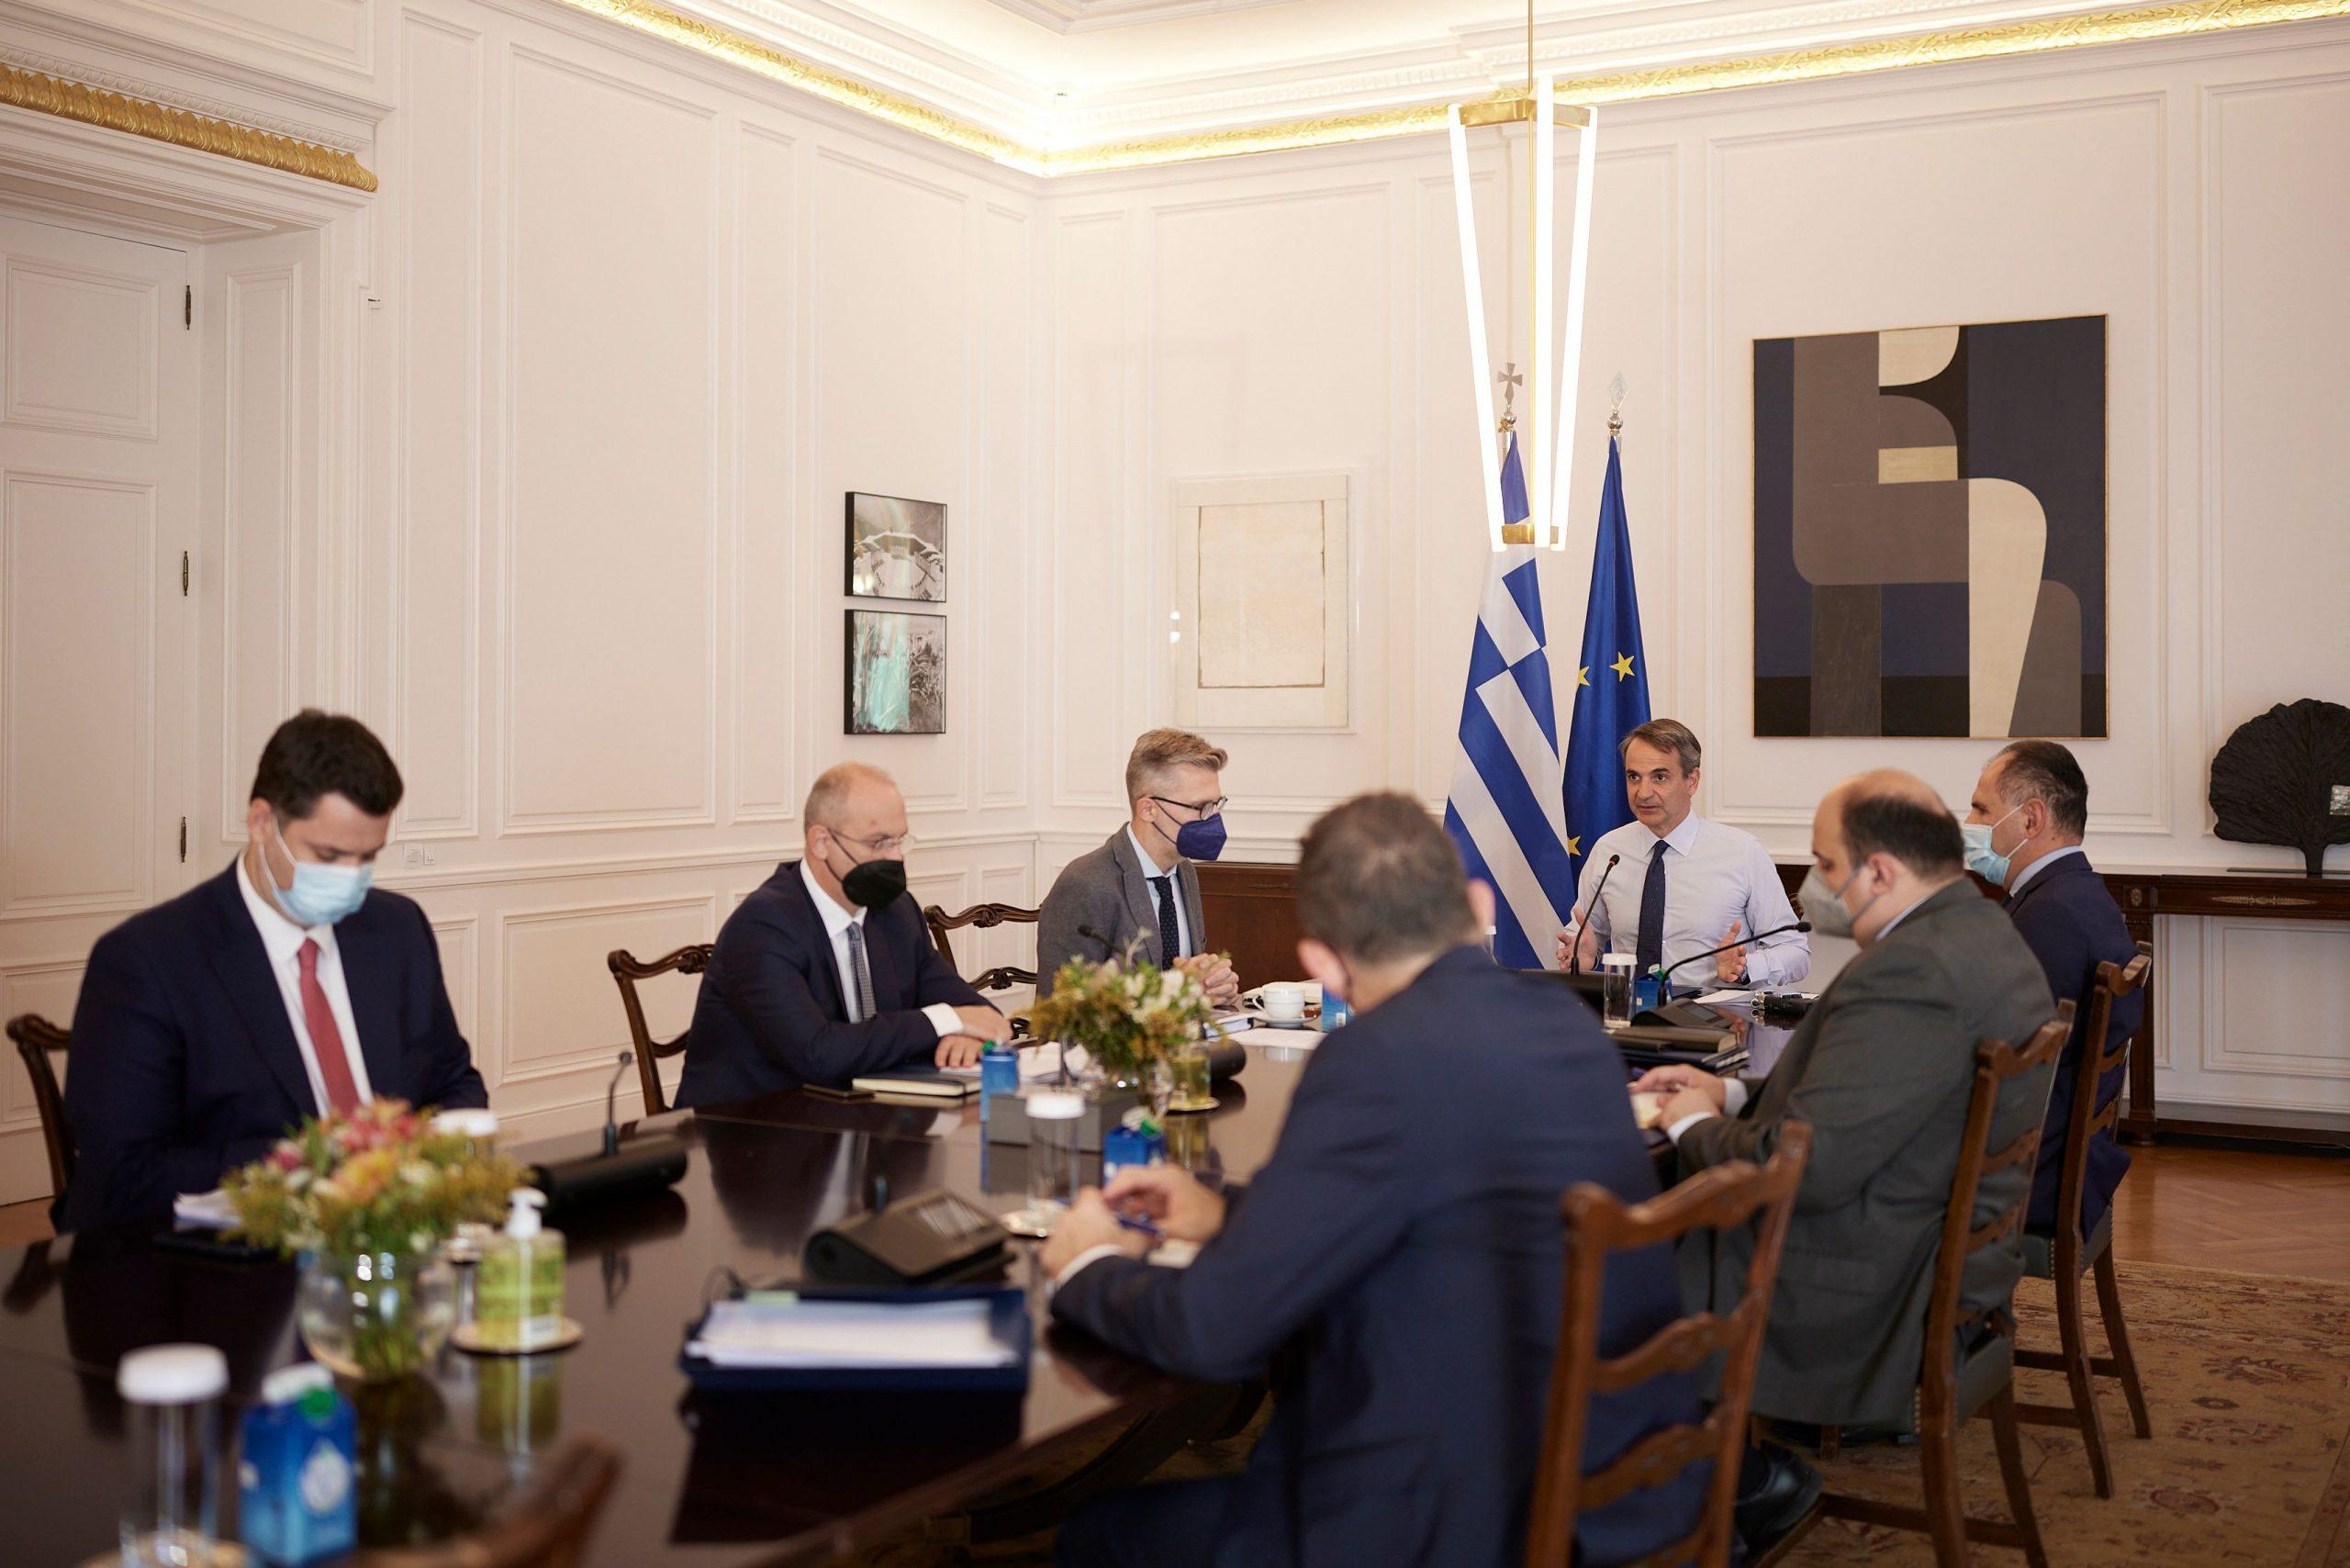 Κ. Μητσοτάκης στο υπουργικό συμβούλιο: Πολυσήμαντη η αμυντική συμφωνία με τη Γαλλία – Εκλογές στο τέλος της τετραετίας